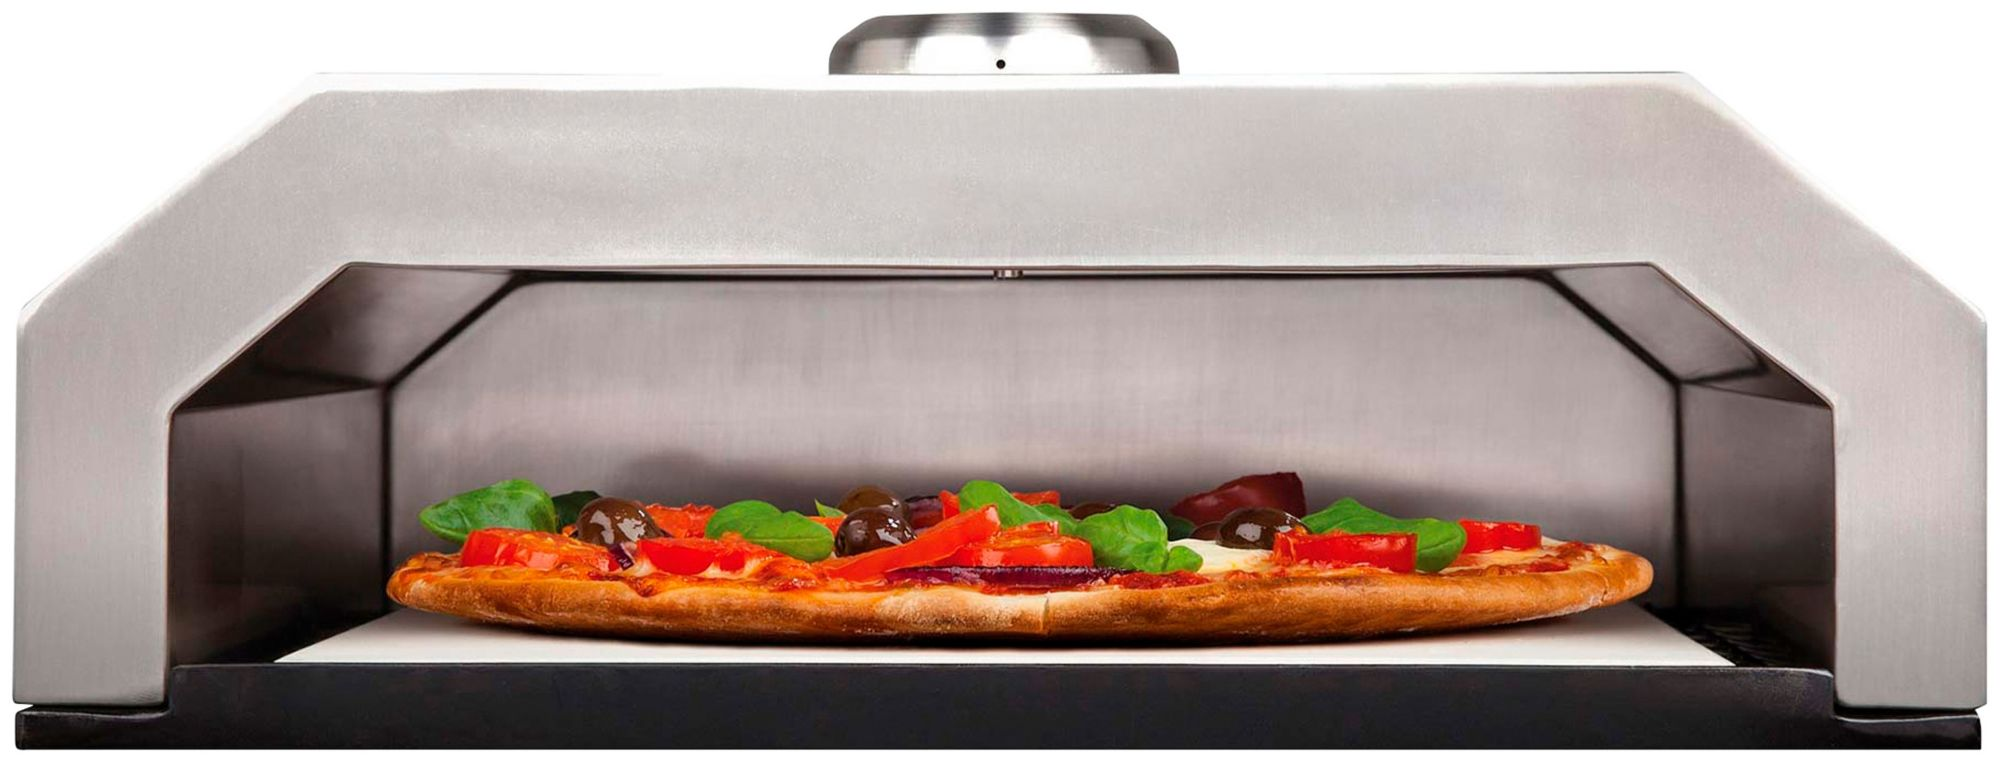 BUSCHBECK Buschbeck Firebox Pizzaofen mit Keramik-Steinplatte